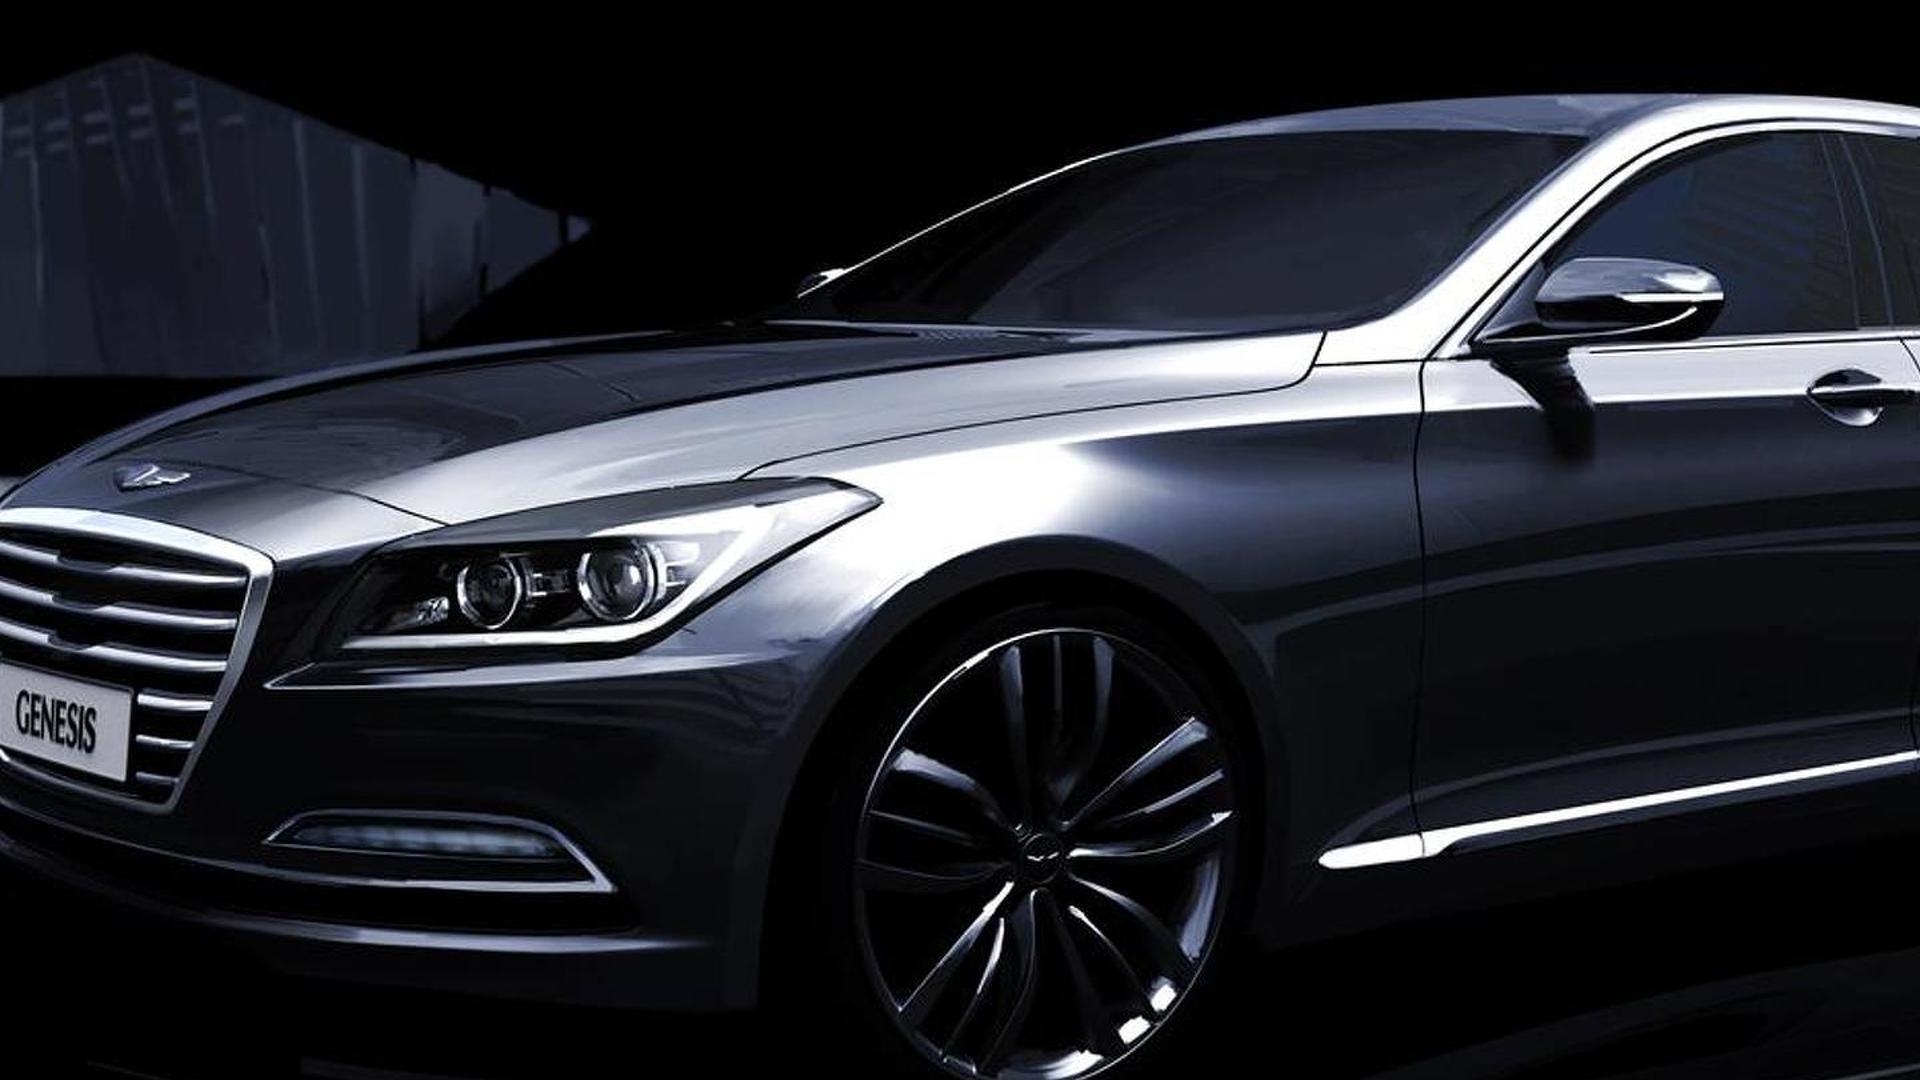 2014 Hyundai Genesis previewed in official renderings